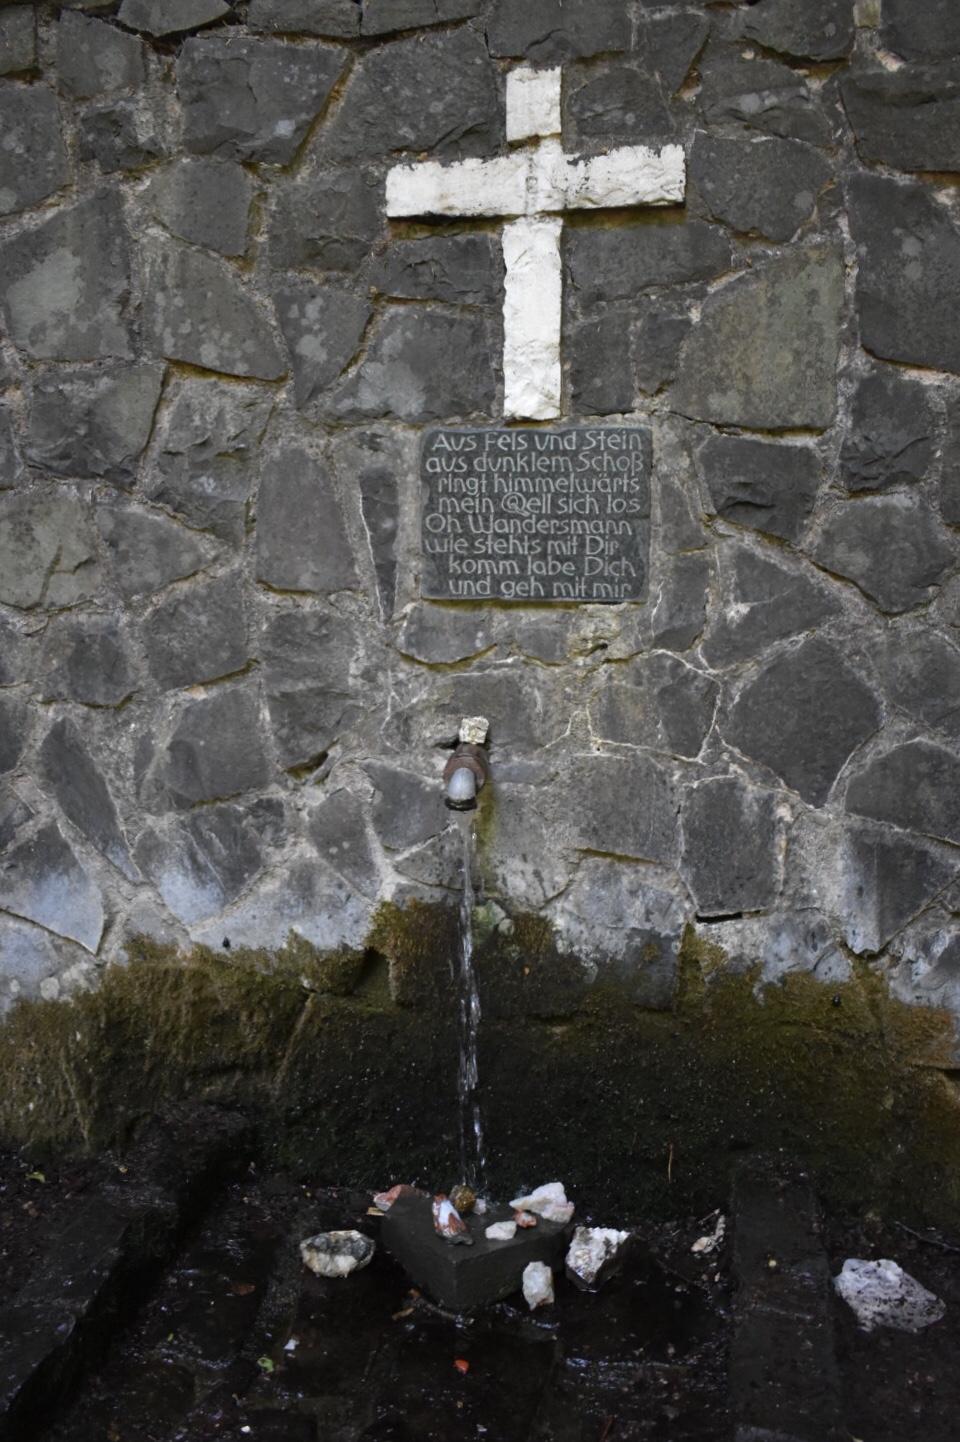 Kreuz mit Gedicht über einer Wasserquelle